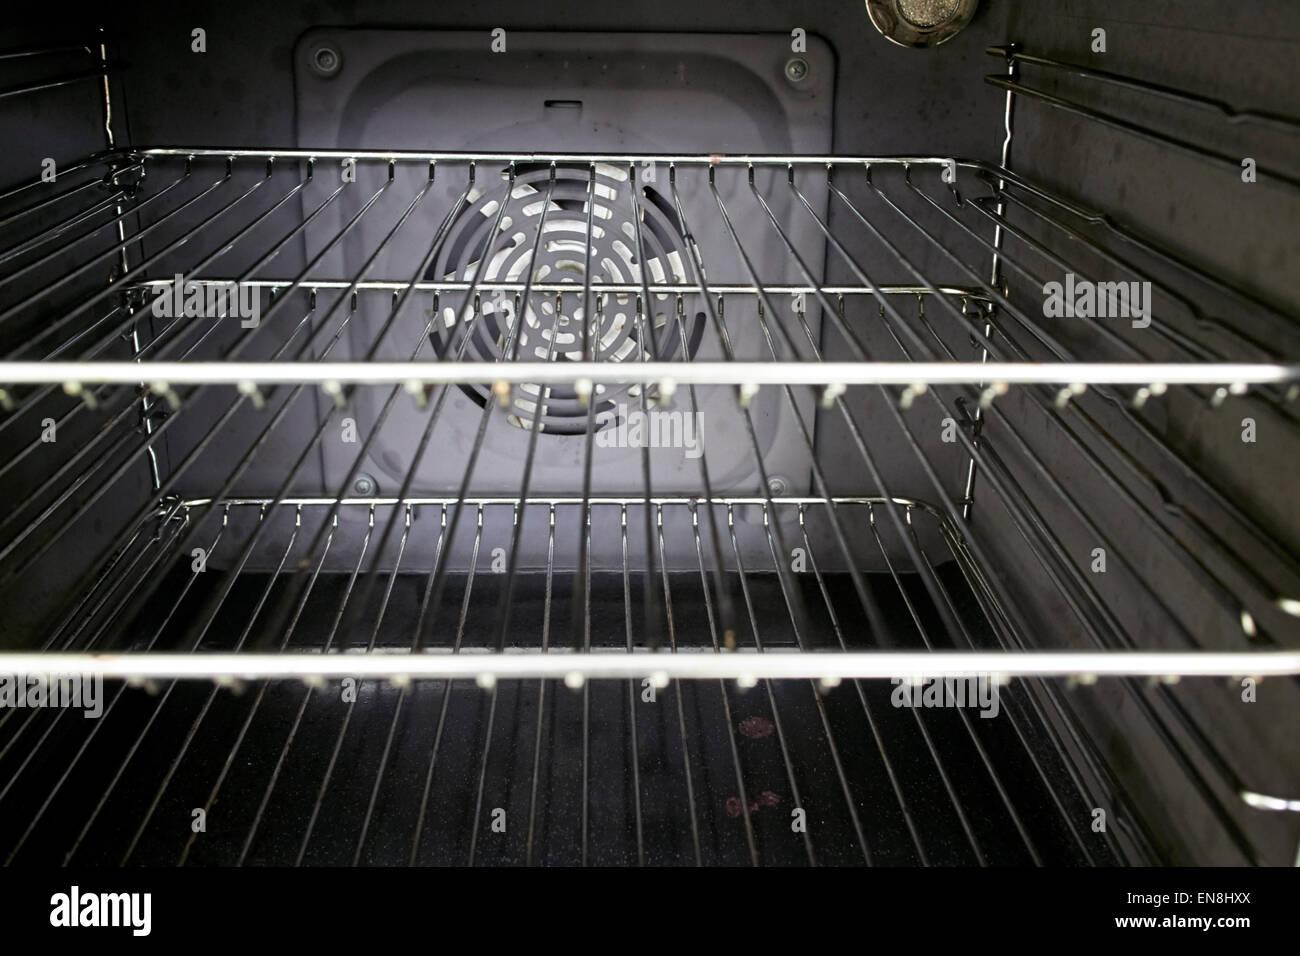 Interior de una casa cocina asistido por ventilador horno con estantes de rejilla de metal limpio Imagen De Stock